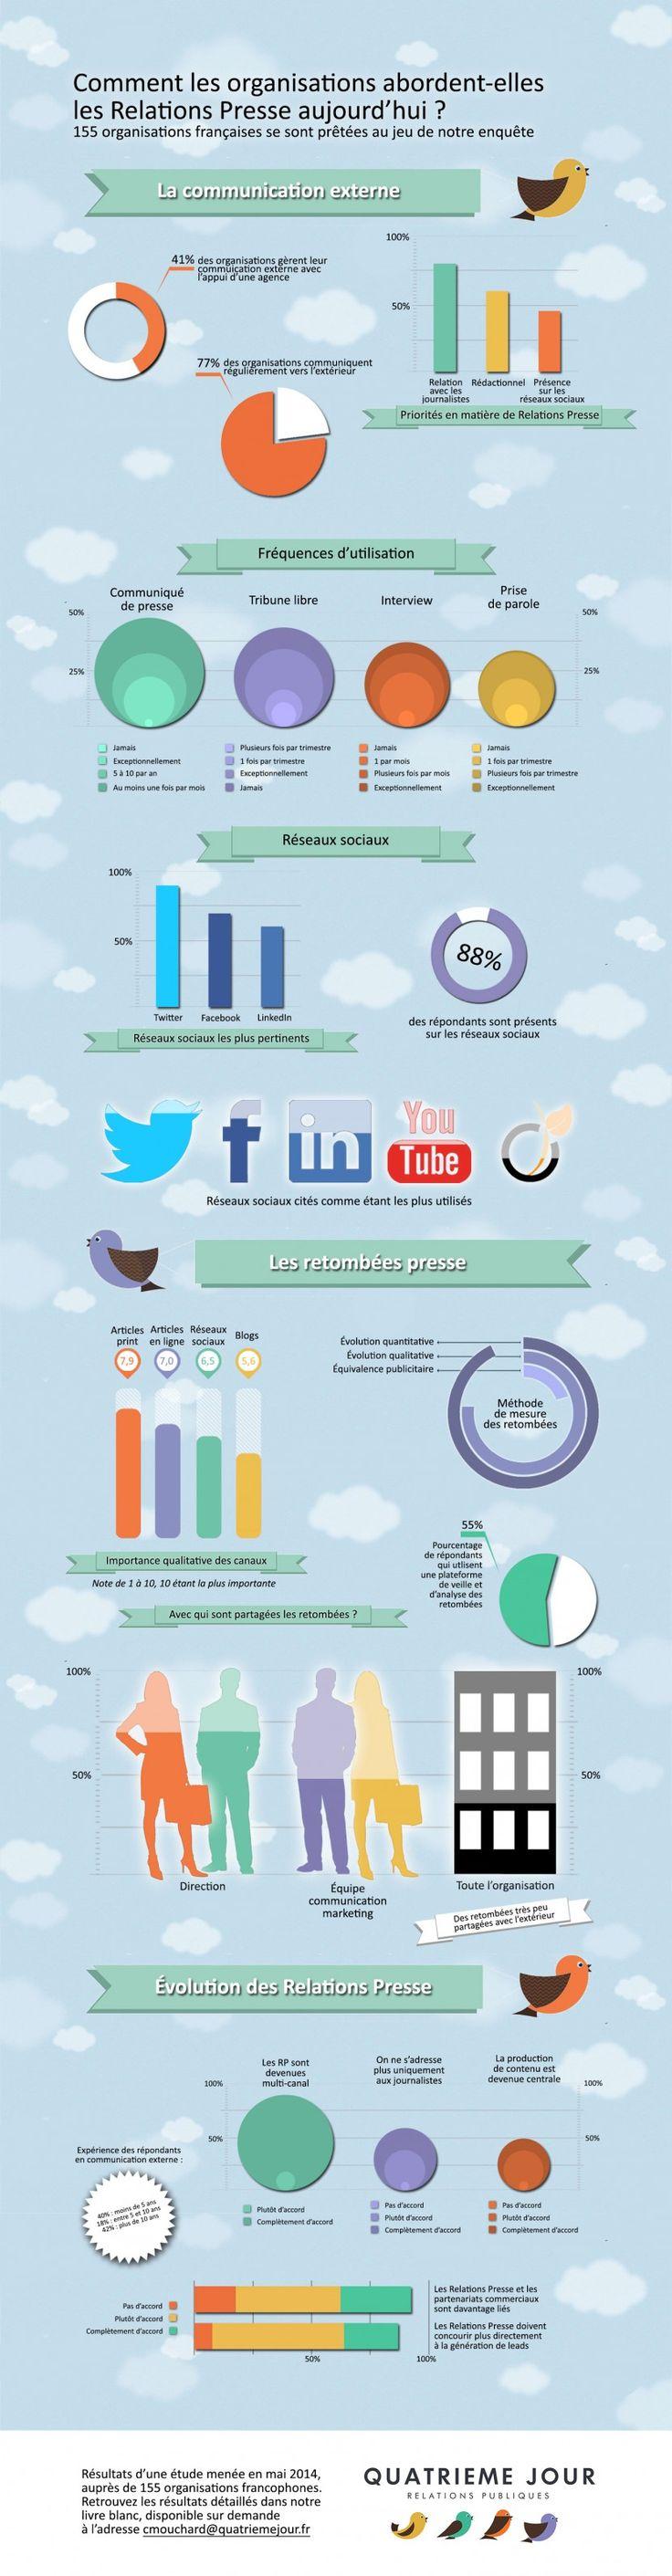 Infographie : Comment les organisations gèrent-elles leurs relations presse en 2015 ?